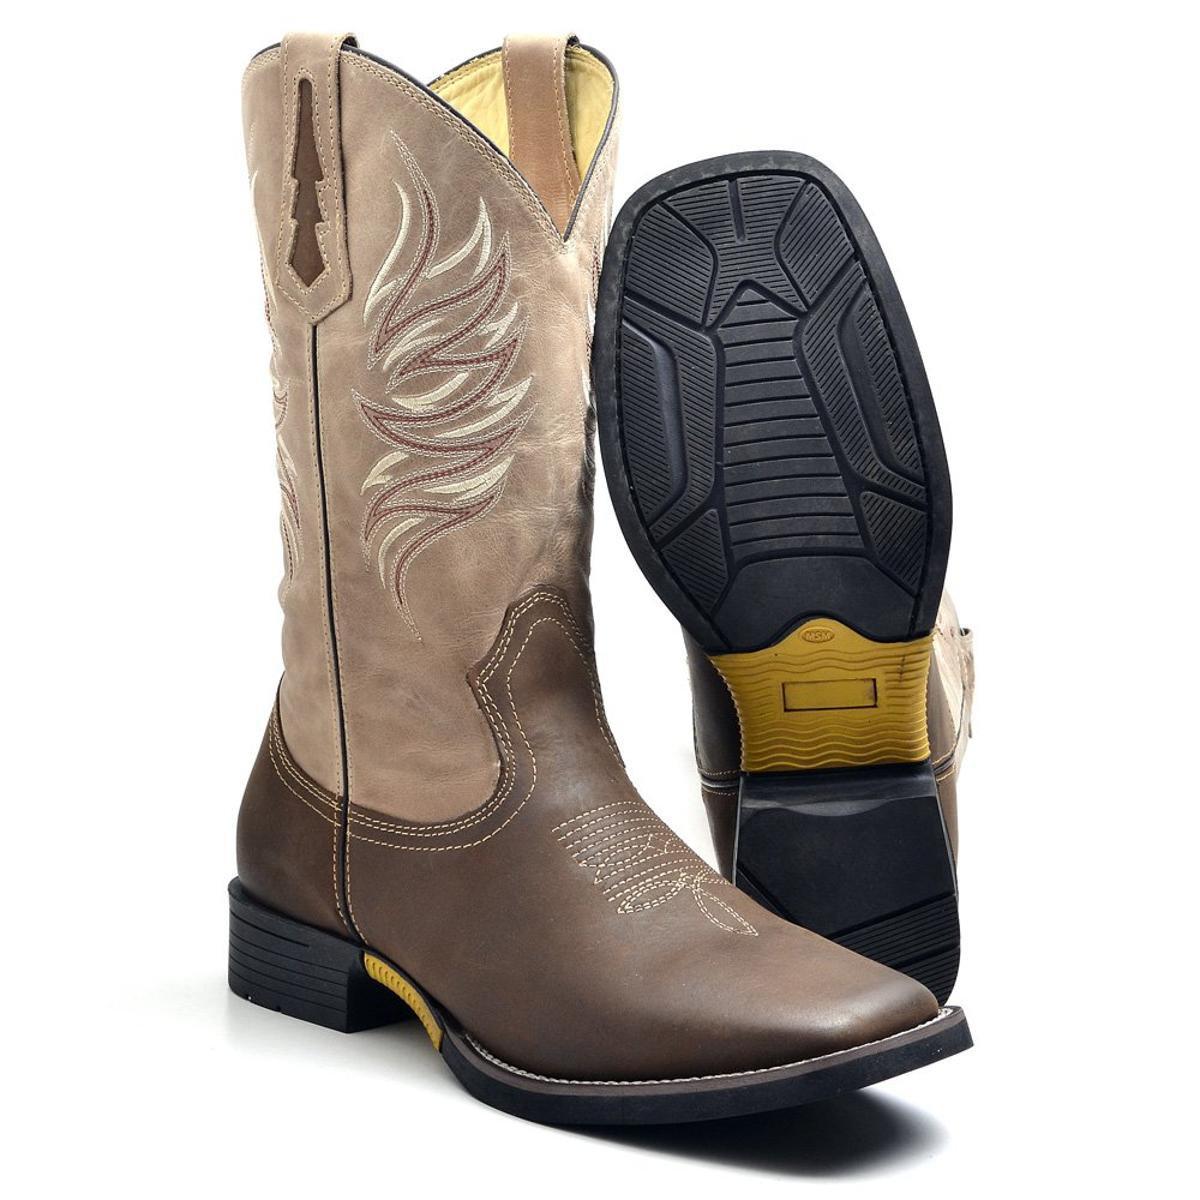 Bota Couro Country Texana Top Franca Shoes Masculino - Compre Agora ... 16ba9a2090a